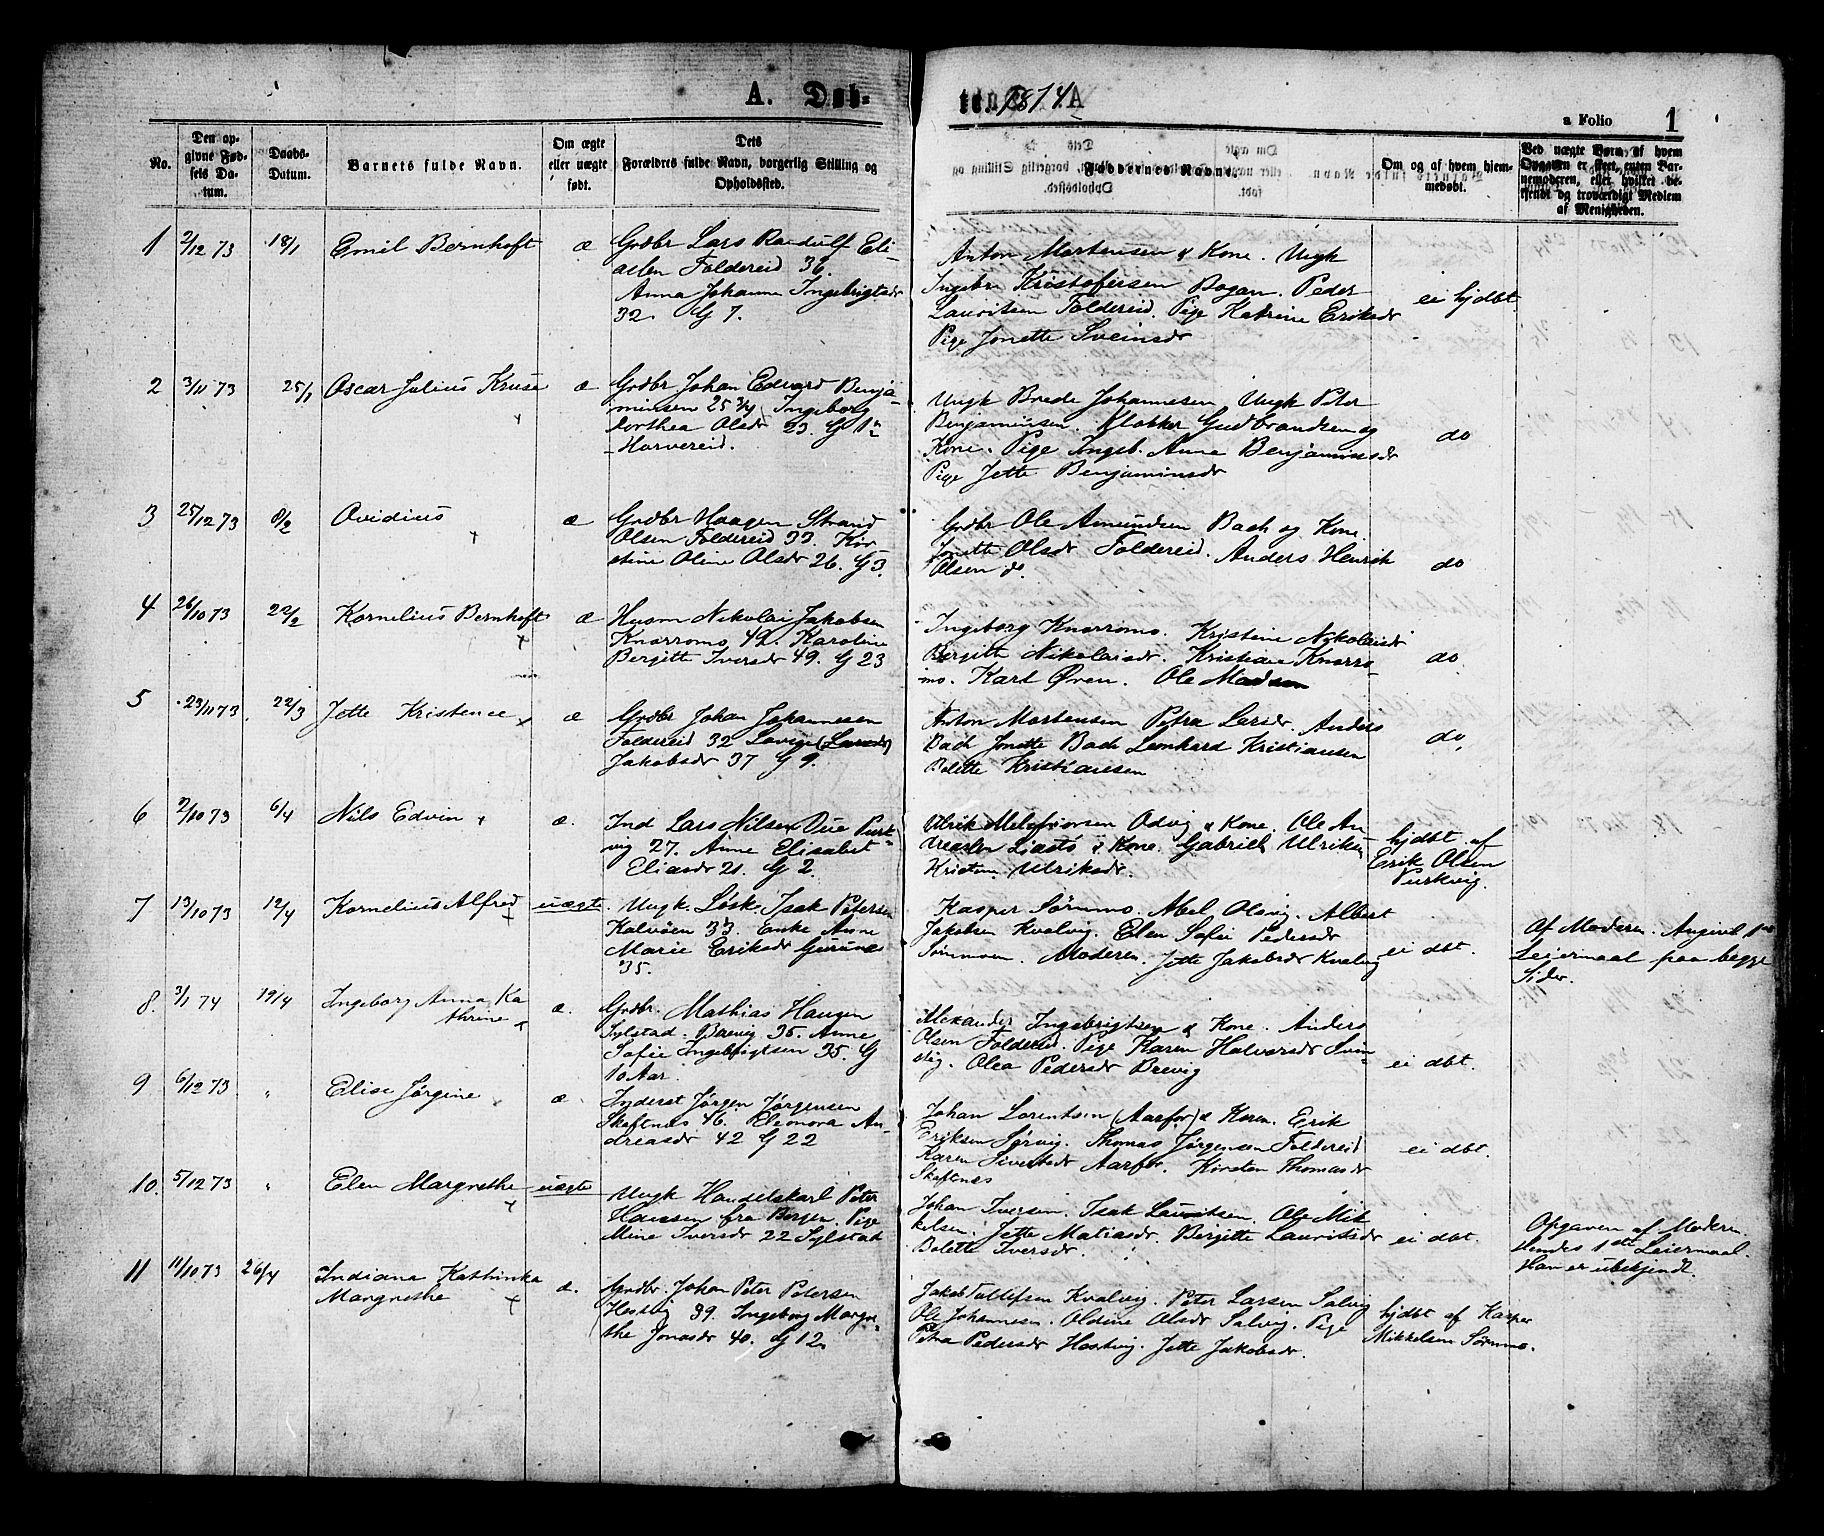 SAT, Ministerialprotokoller, klokkerbøker og fødselsregistre - Nord-Trøndelag, 780/L0642: Ministerialbok nr. 780A07 /1, 1874-1885, s. 1